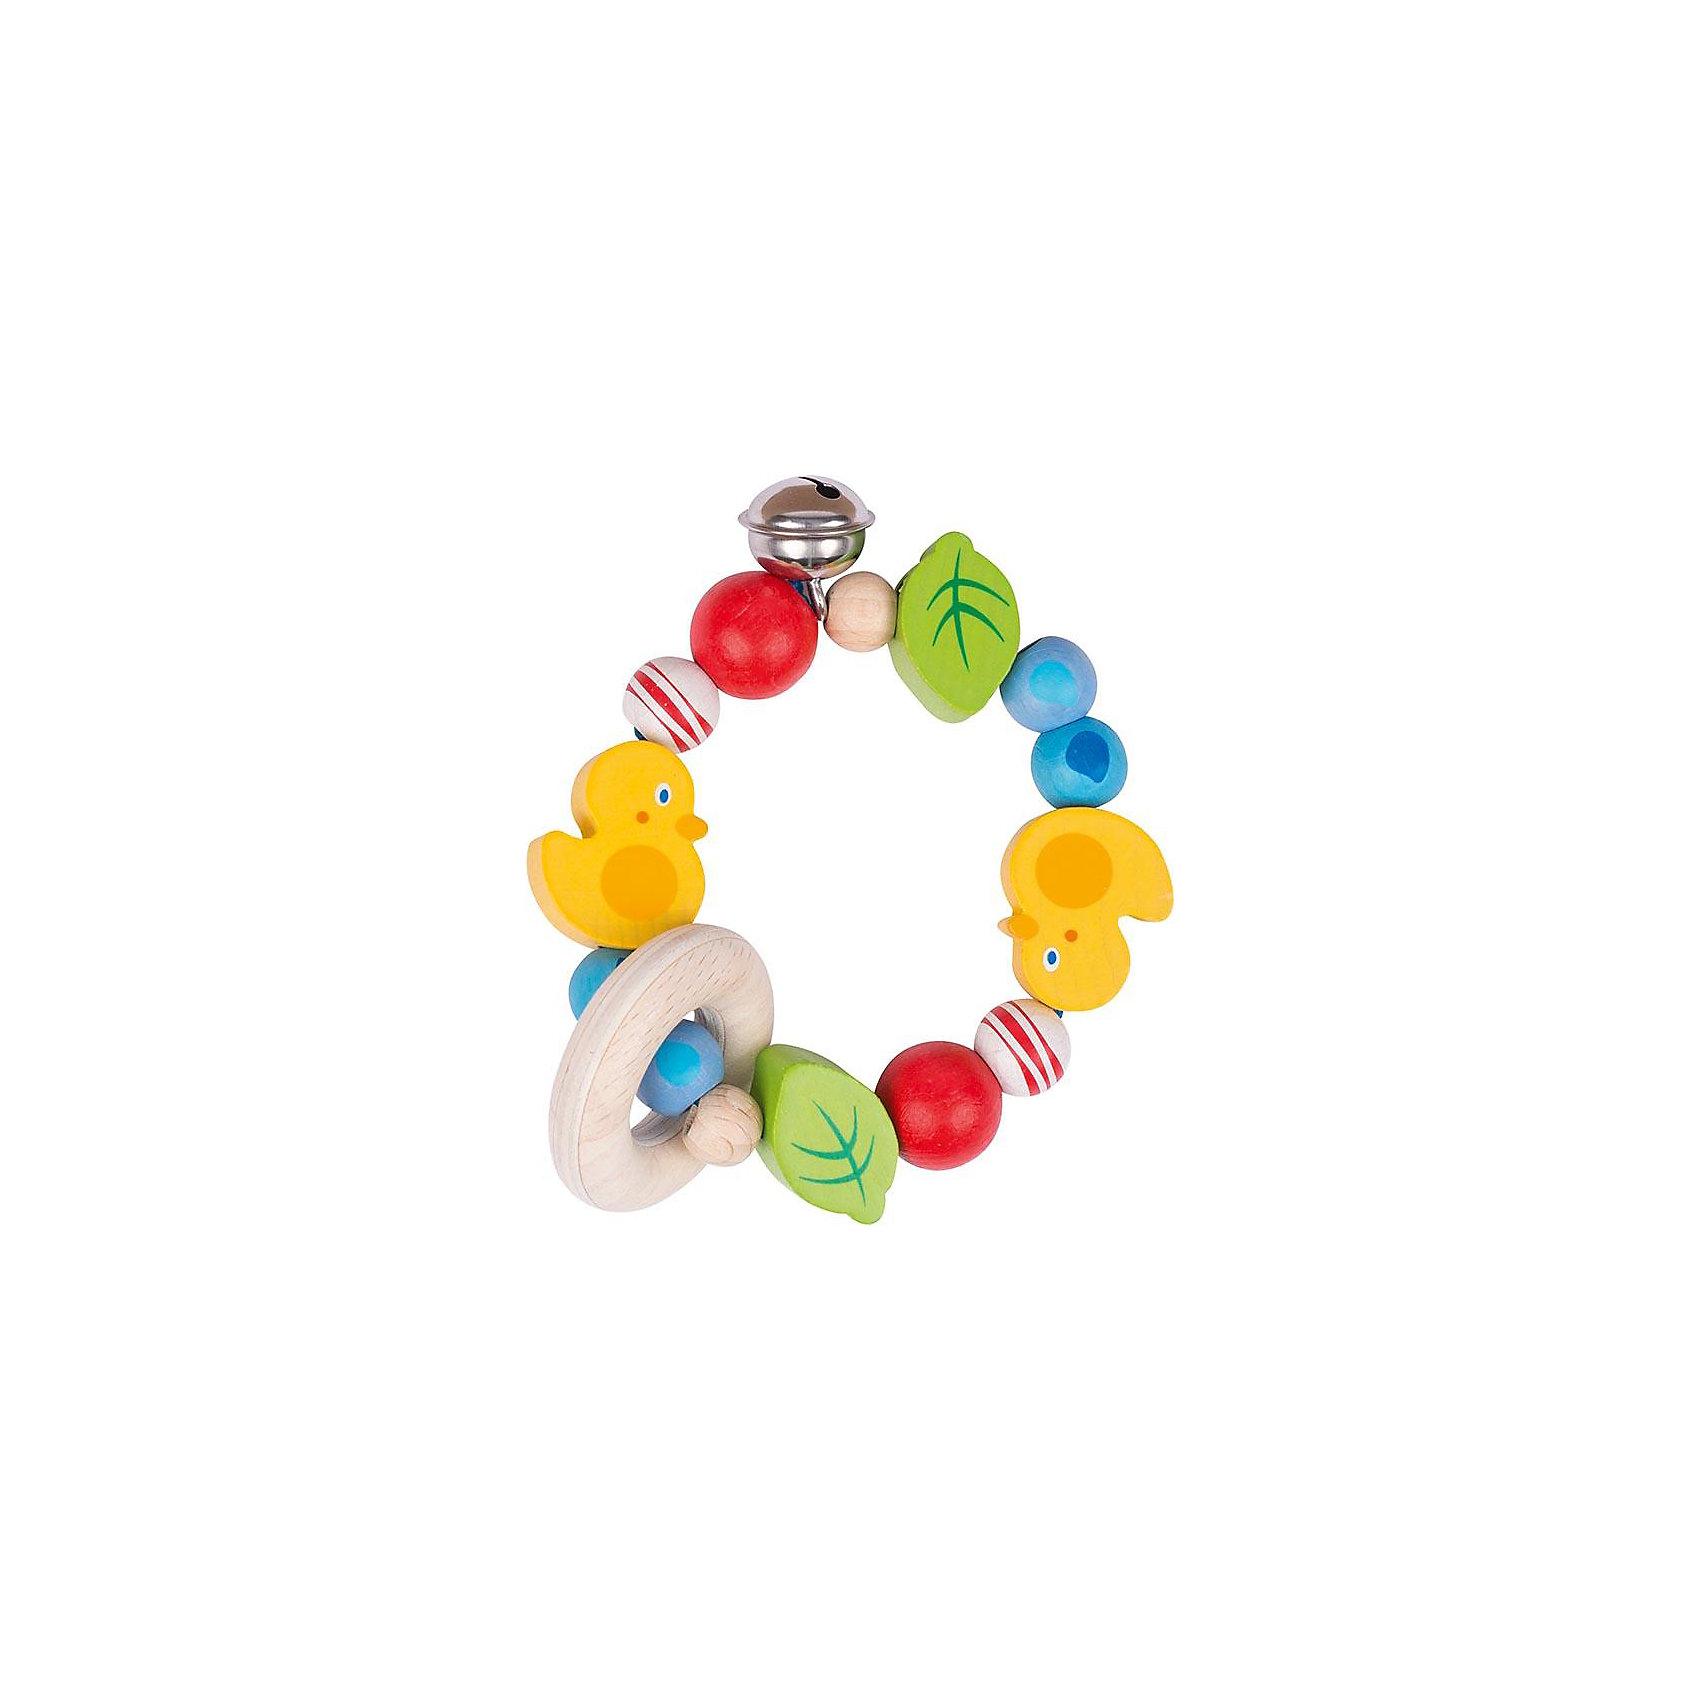 Игрушка-кольцо эластик Уточки, HEIMESSПрорезыватели<br>Характеристики товара:<br><br>- цвет: разноцветный;<br>- материал: эластик;<br>- размер упаковки: 8x8x8 см;<br>- вес: 50 г.<br><br>Детская красивая игрушка – отличный подарок для родителей и ребенка. В процессе игры с ней ребенок развивает моторику, тактильное восприятие, воображение, внимание и координацию движений. Игрушка тщательно обработана, её можно кусать - она сделана из безопасного материала. Игрушка разработана специально для маленьких ручек ребёнка. <br>Такая игрушка позволит малышу с детства развивать цветовосприятие, также она помогает детям научиться фокусировать внимание. Изделие произведено из качественных материалов, безопасных для ребенка.<br><br>Игрушку-кольцо эластик Уточки от бренда HEIMESS можно купить в нашем интернет-магазине.<br><br>Ширина мм: 80<br>Глубина мм: 80<br>Высота мм: 80<br>Вес г: 56<br>Возраст от месяцев: 3<br>Возраст до месяцев: 24<br>Пол: Унисекс<br>Возраст: Детский<br>SKU: 5155299